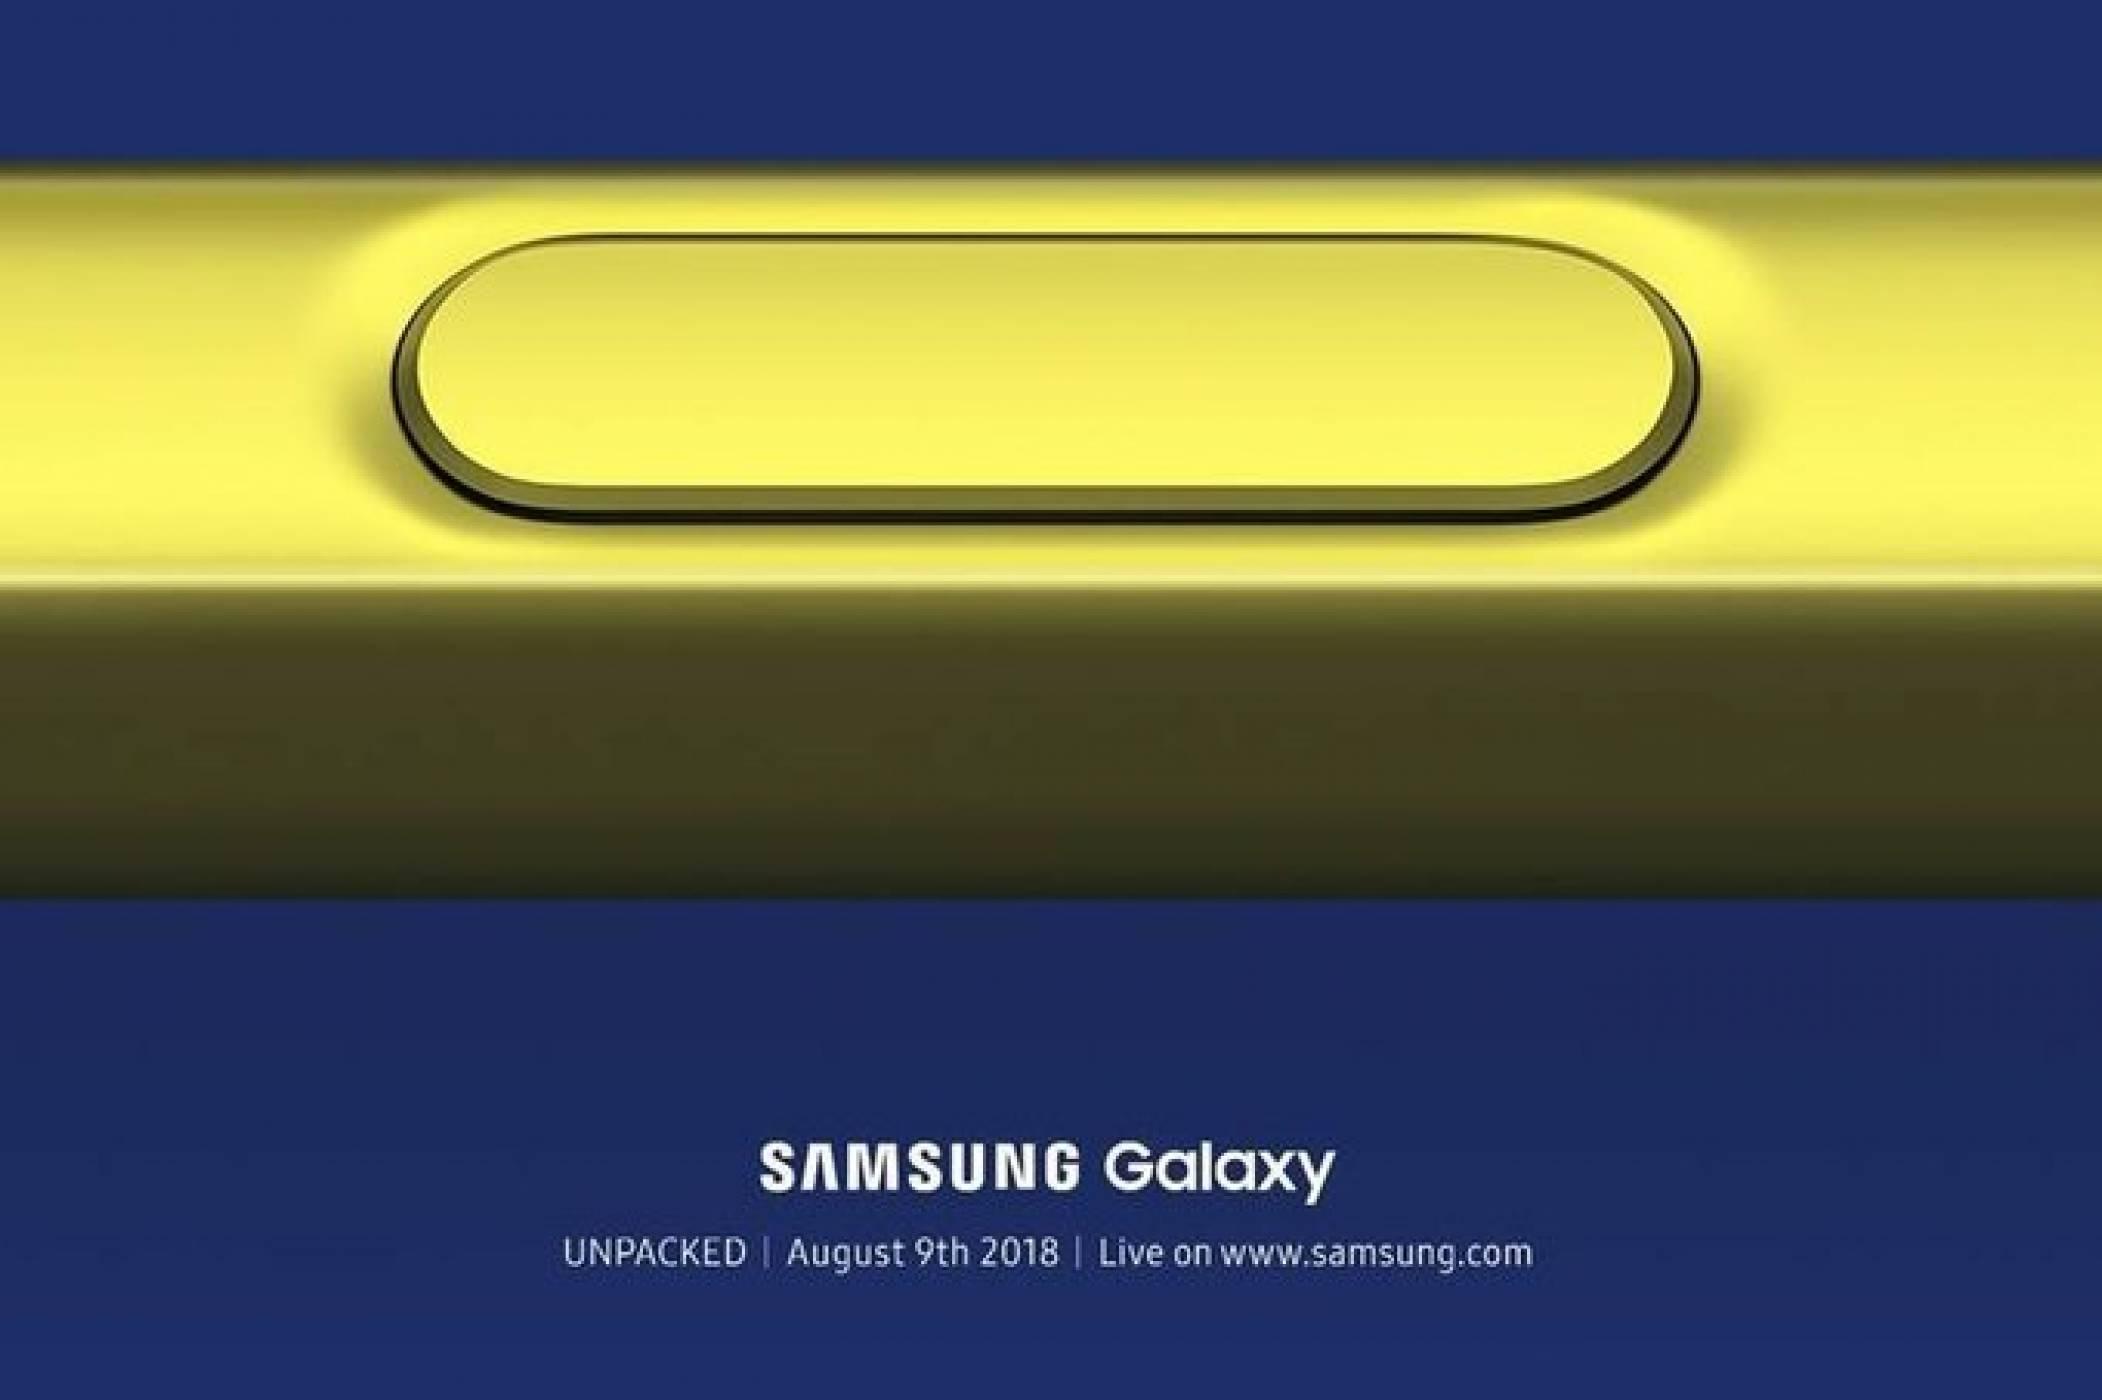 Samsung Galaxy Note 9 в целия му блясък на 9 август